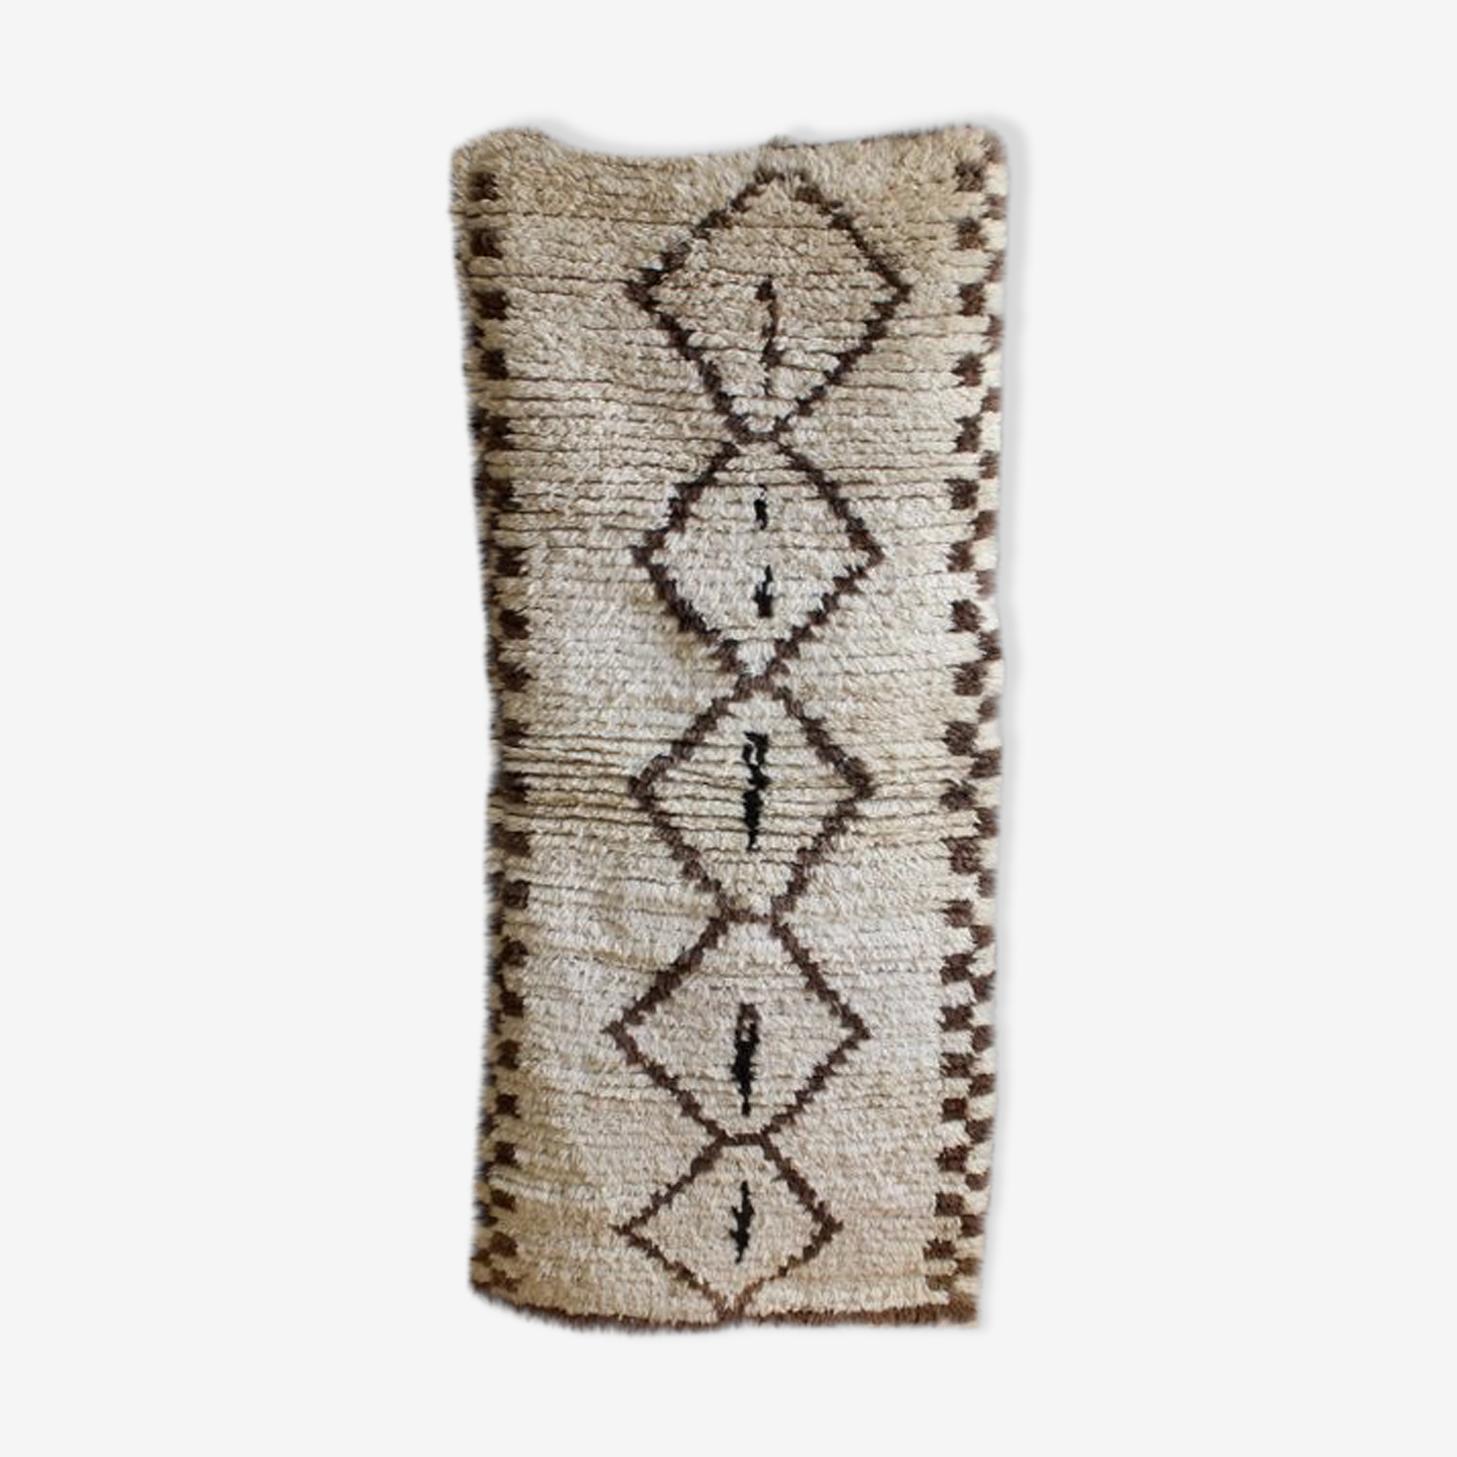 Tapis béni ouarain ancien tissé main au Maroc 147 x 80 cm